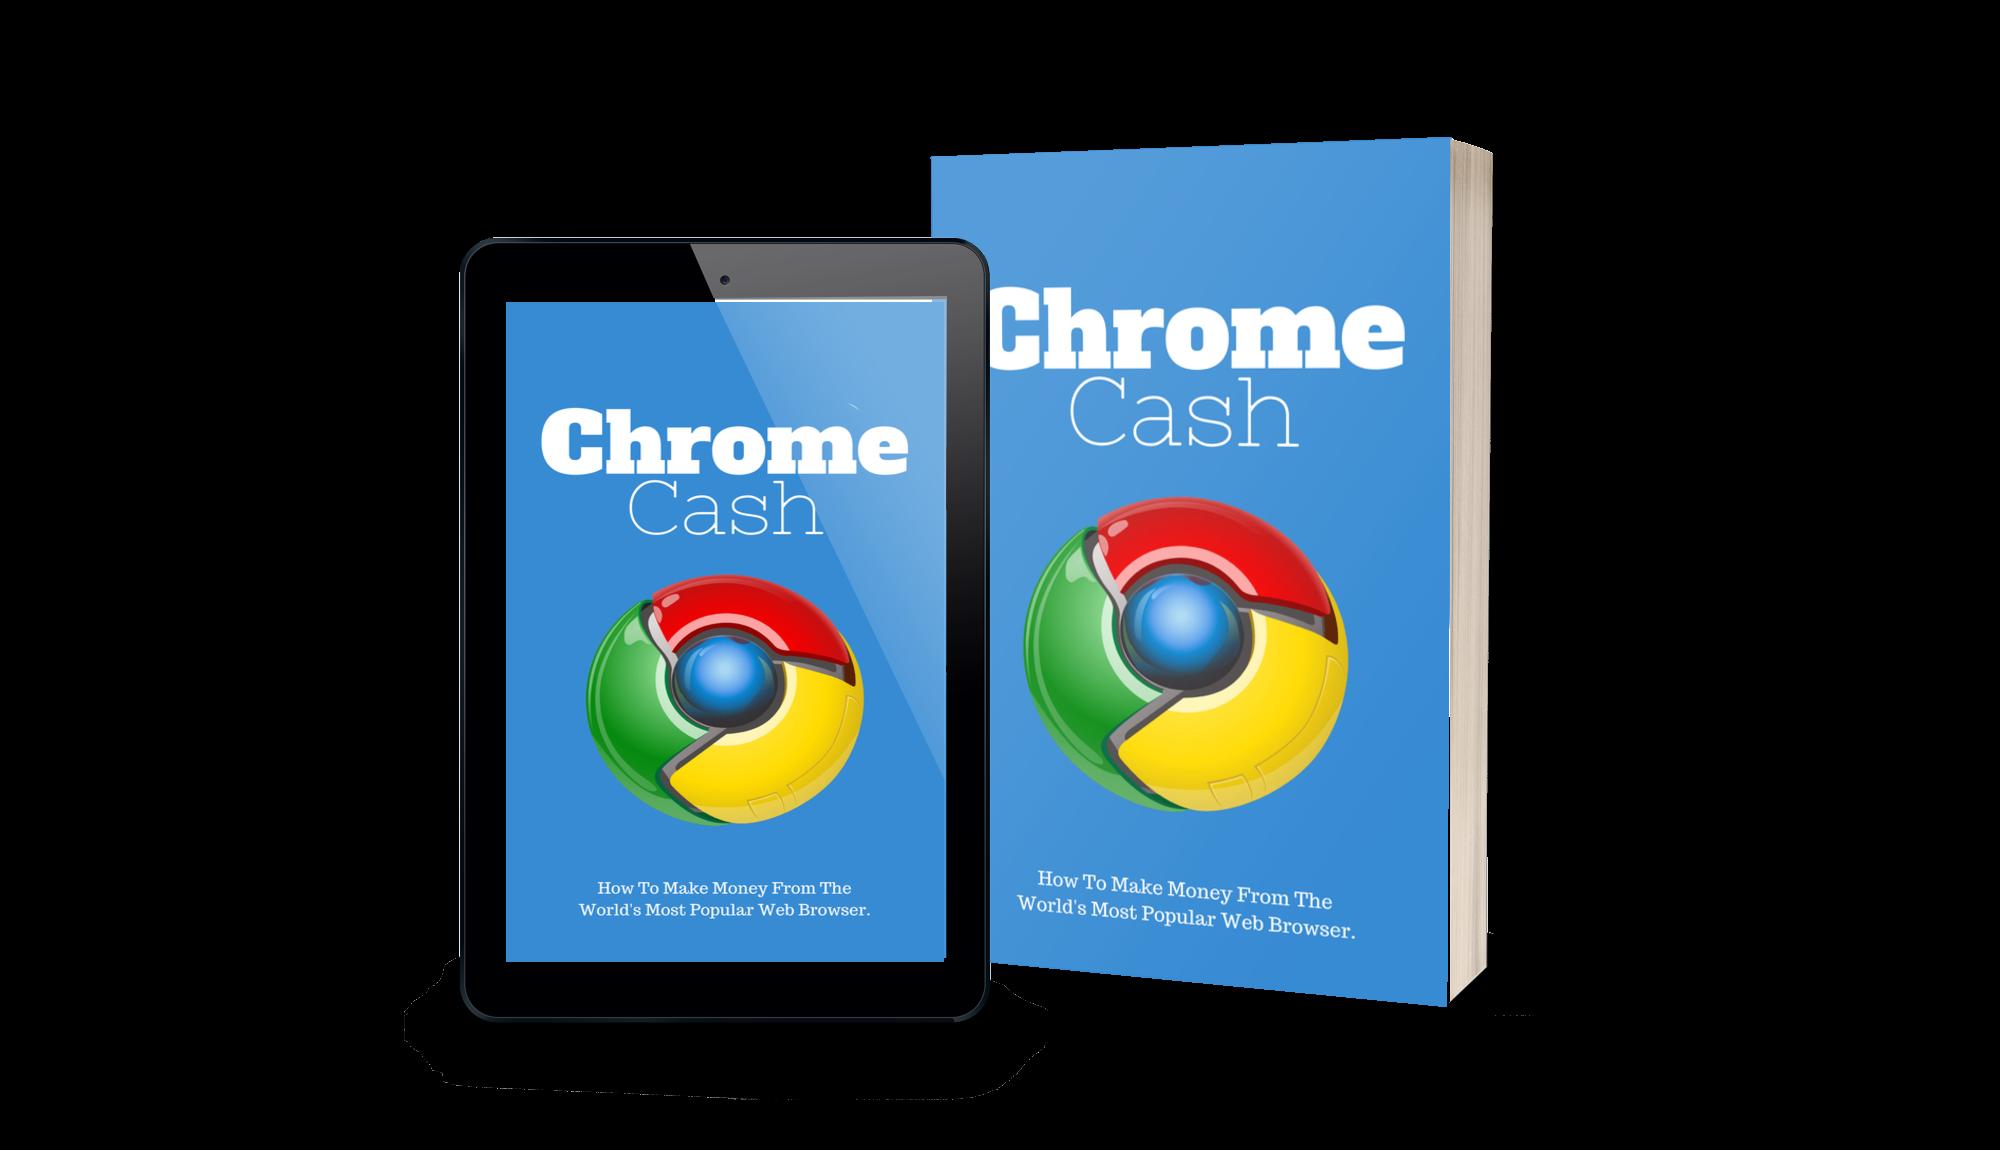 如何从世界上最流行的谷歌浏览器上赚钱(Chrome Cash)